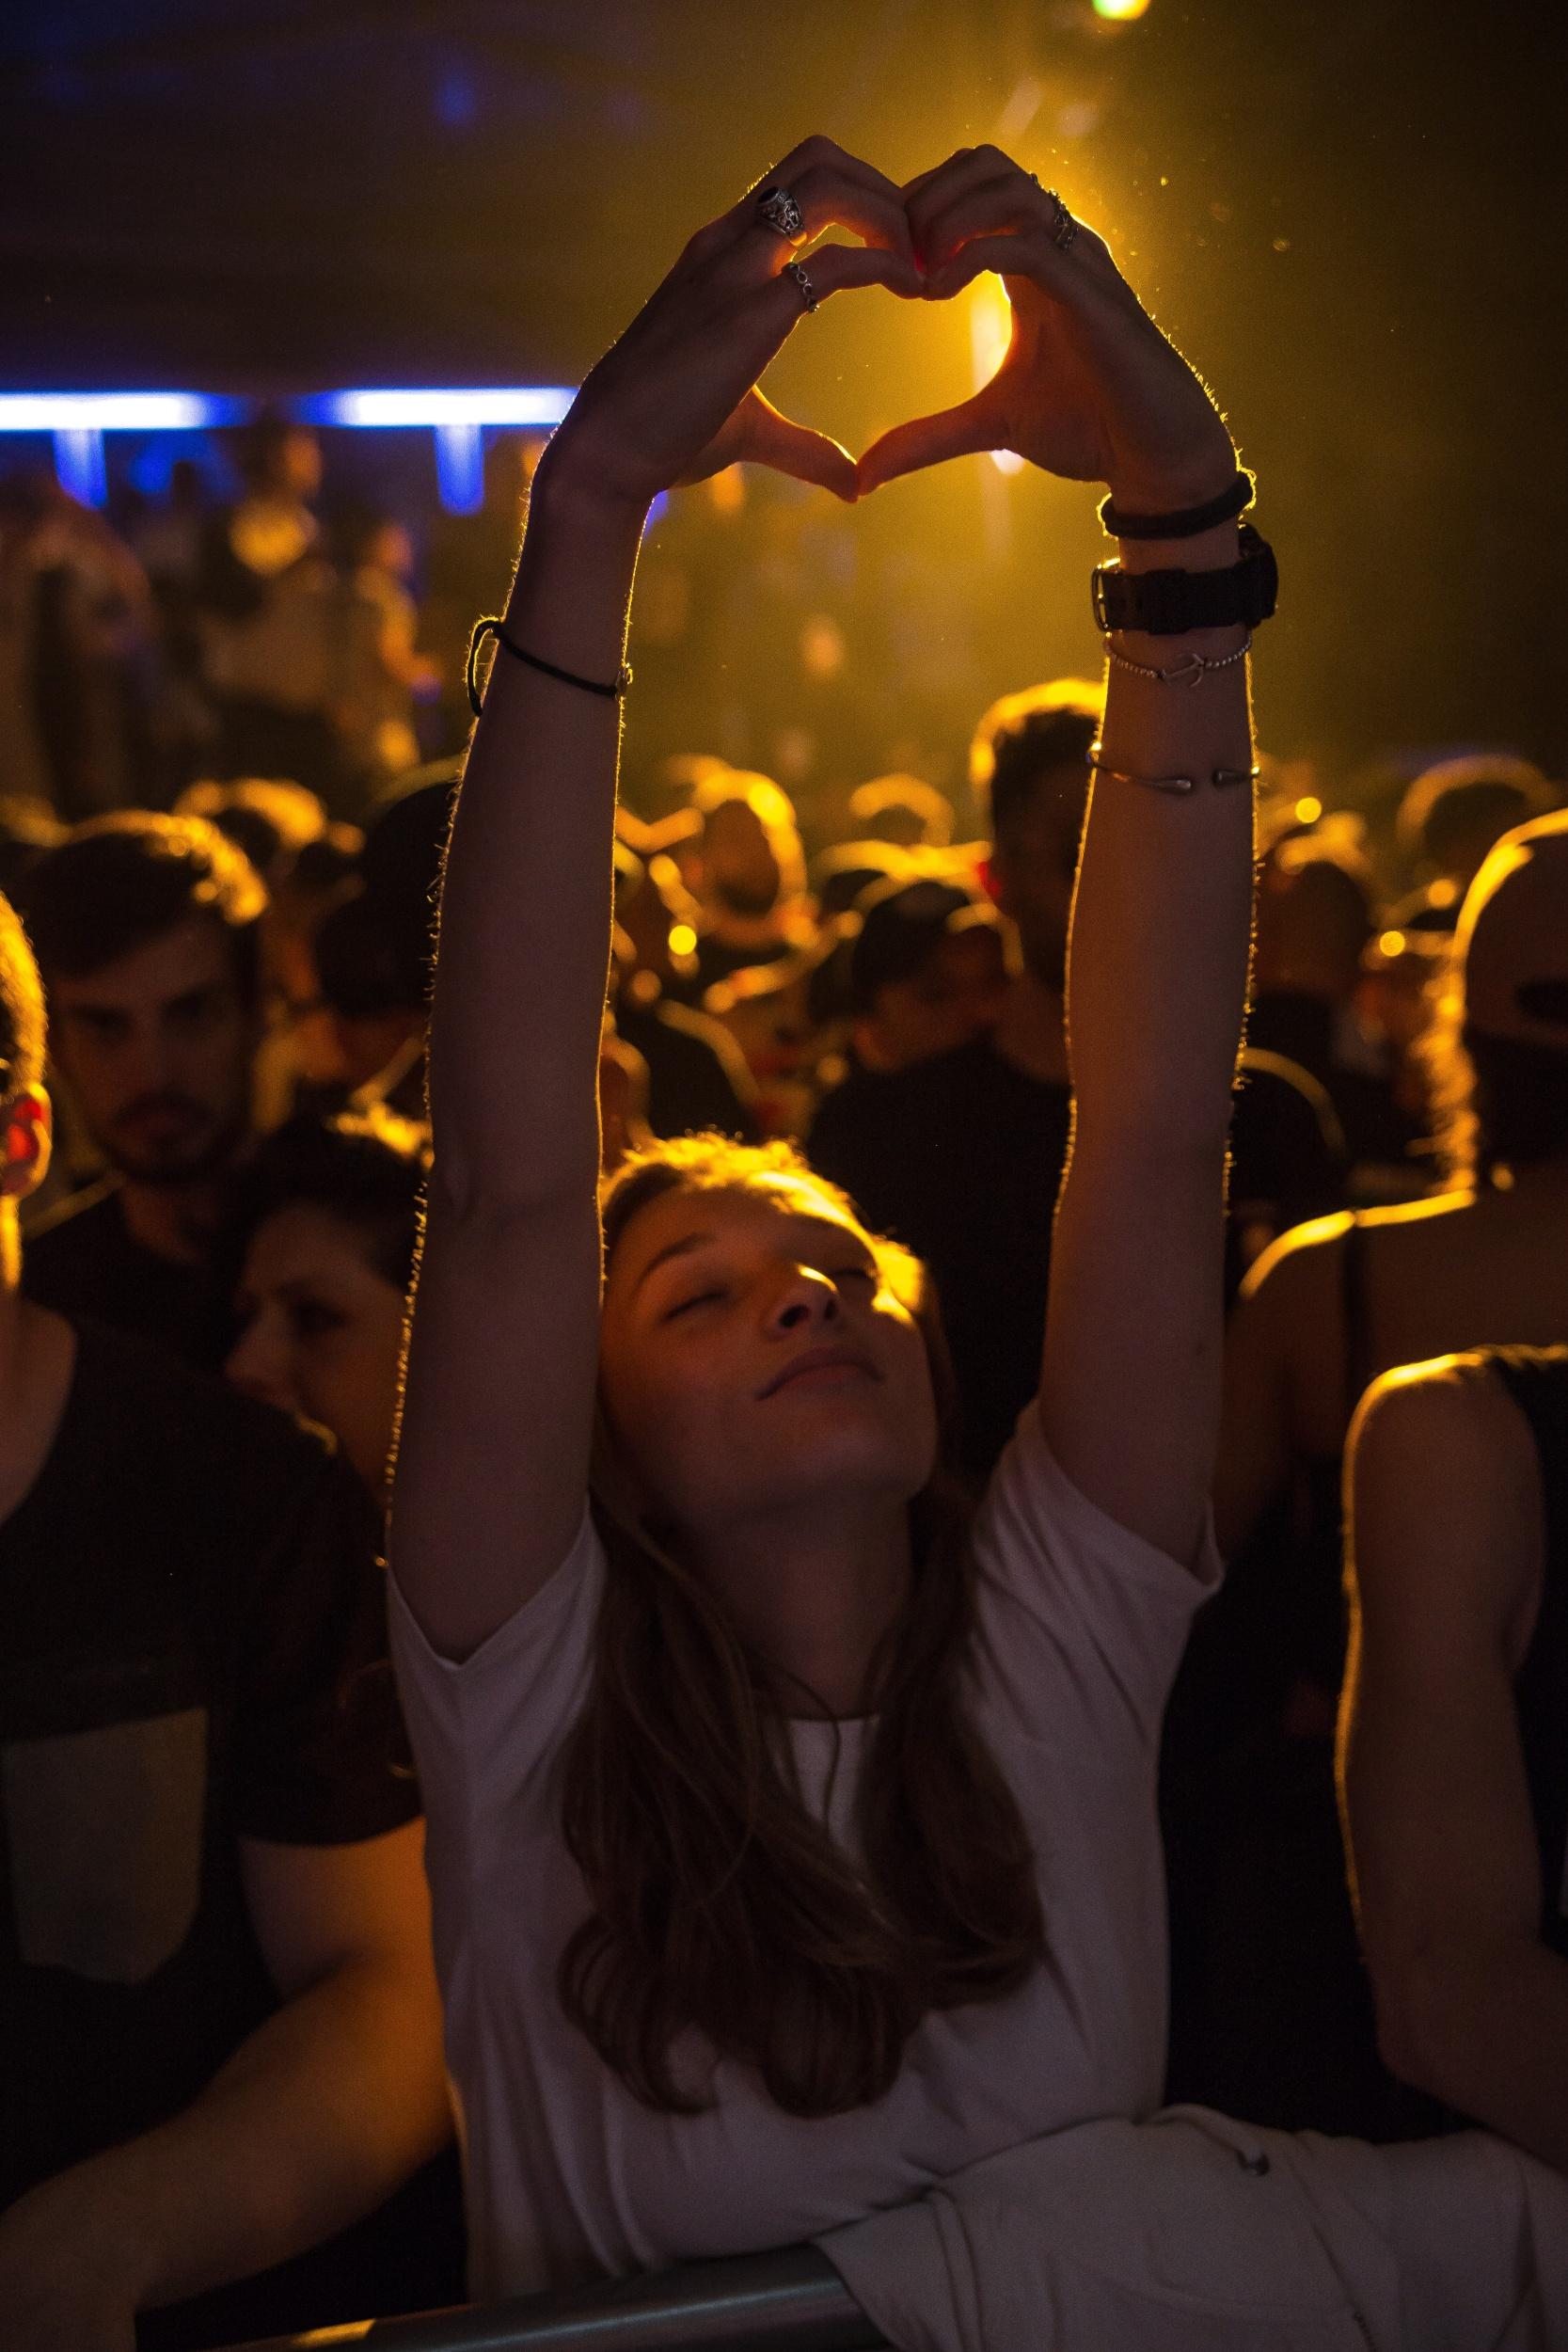 Ein Teenager-Mädchen im Publikum auf einem Konzert ist von vorne zu sehen. Sie hält die Arme hoch und formt mit beiden Händen ein Herz. Von hinten strahlt ein gelebs Licht.